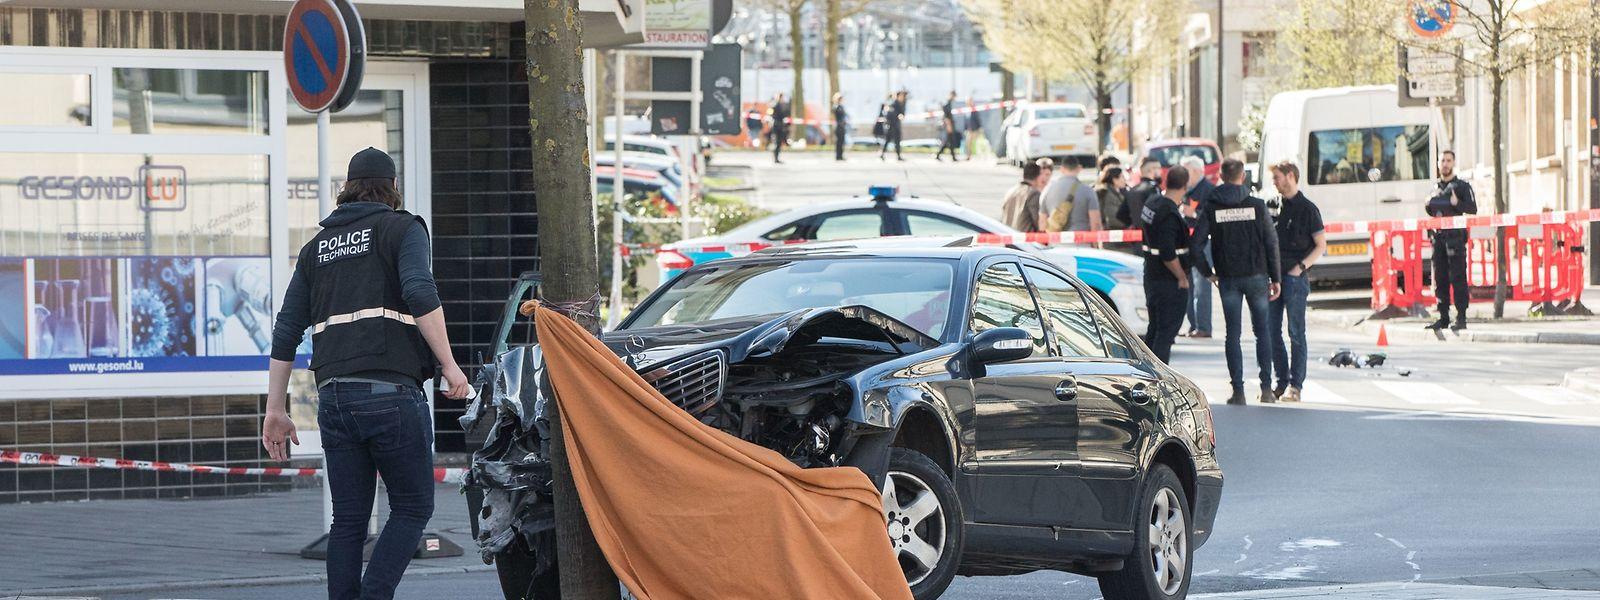 Der Wagen des tödlich verwundeten Mannes.